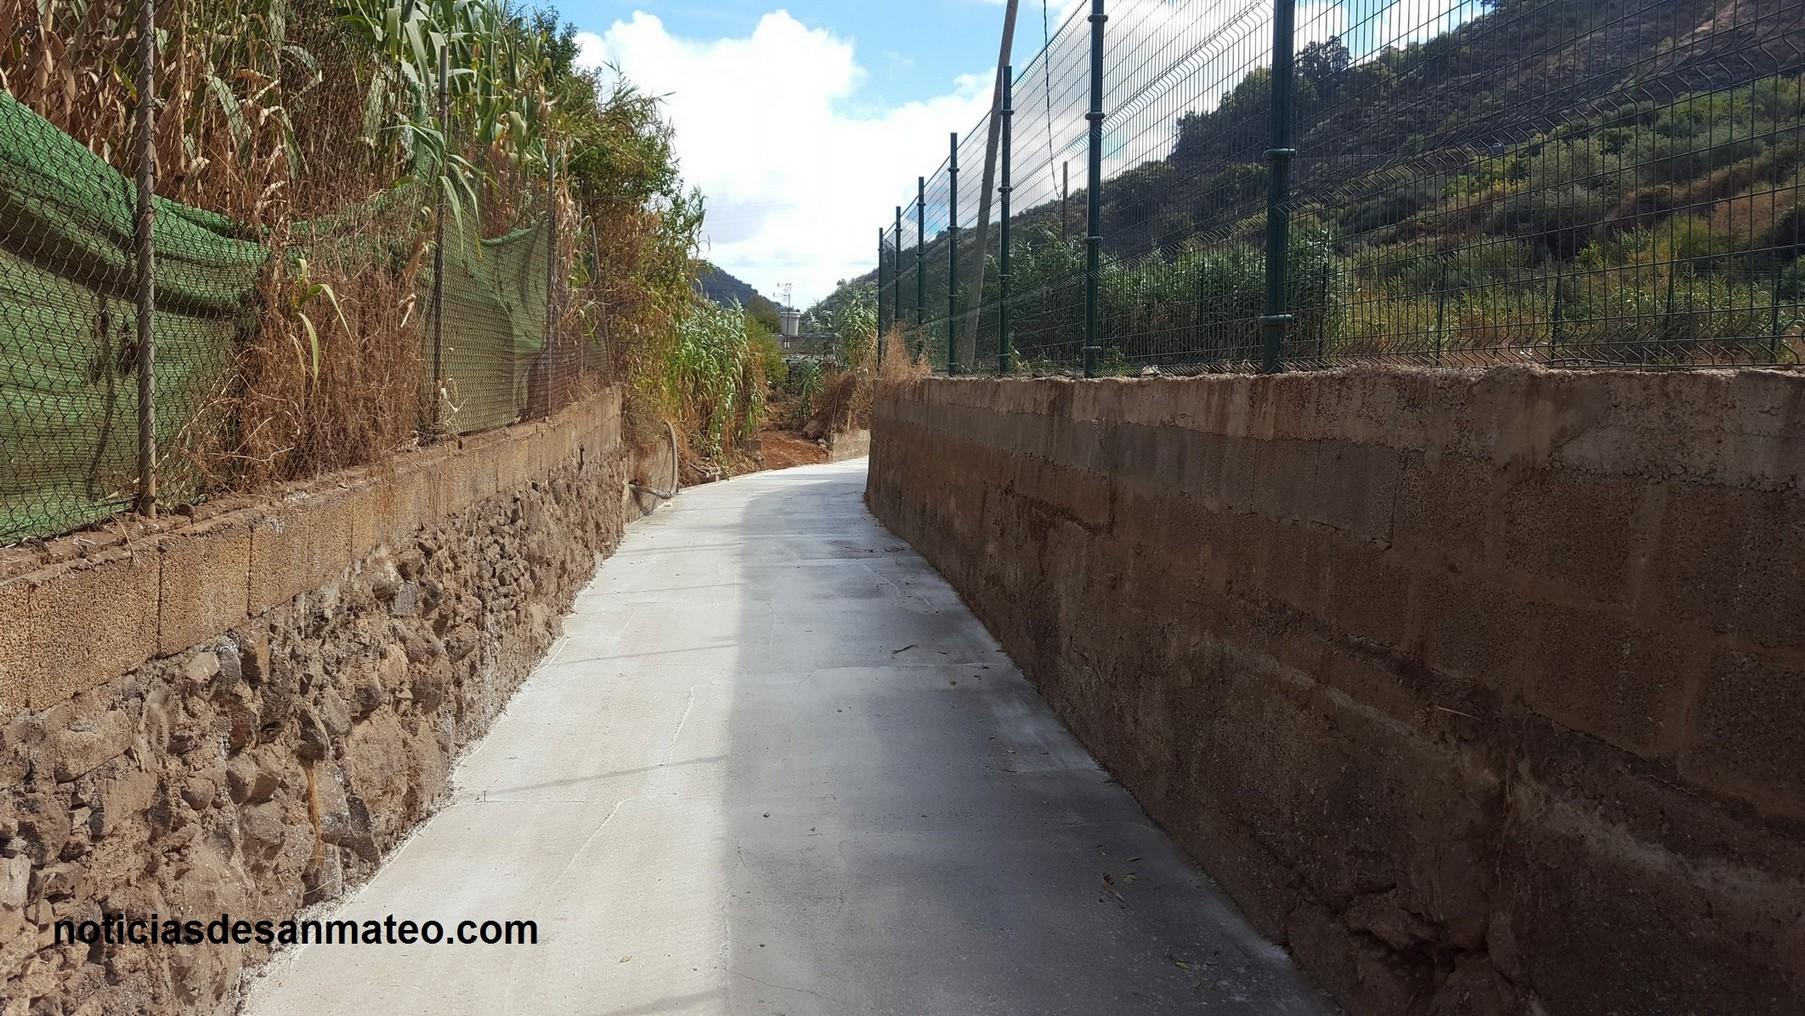 Carretera Haciendas San Mateo Oct. 2016 Noticias de San Mateo